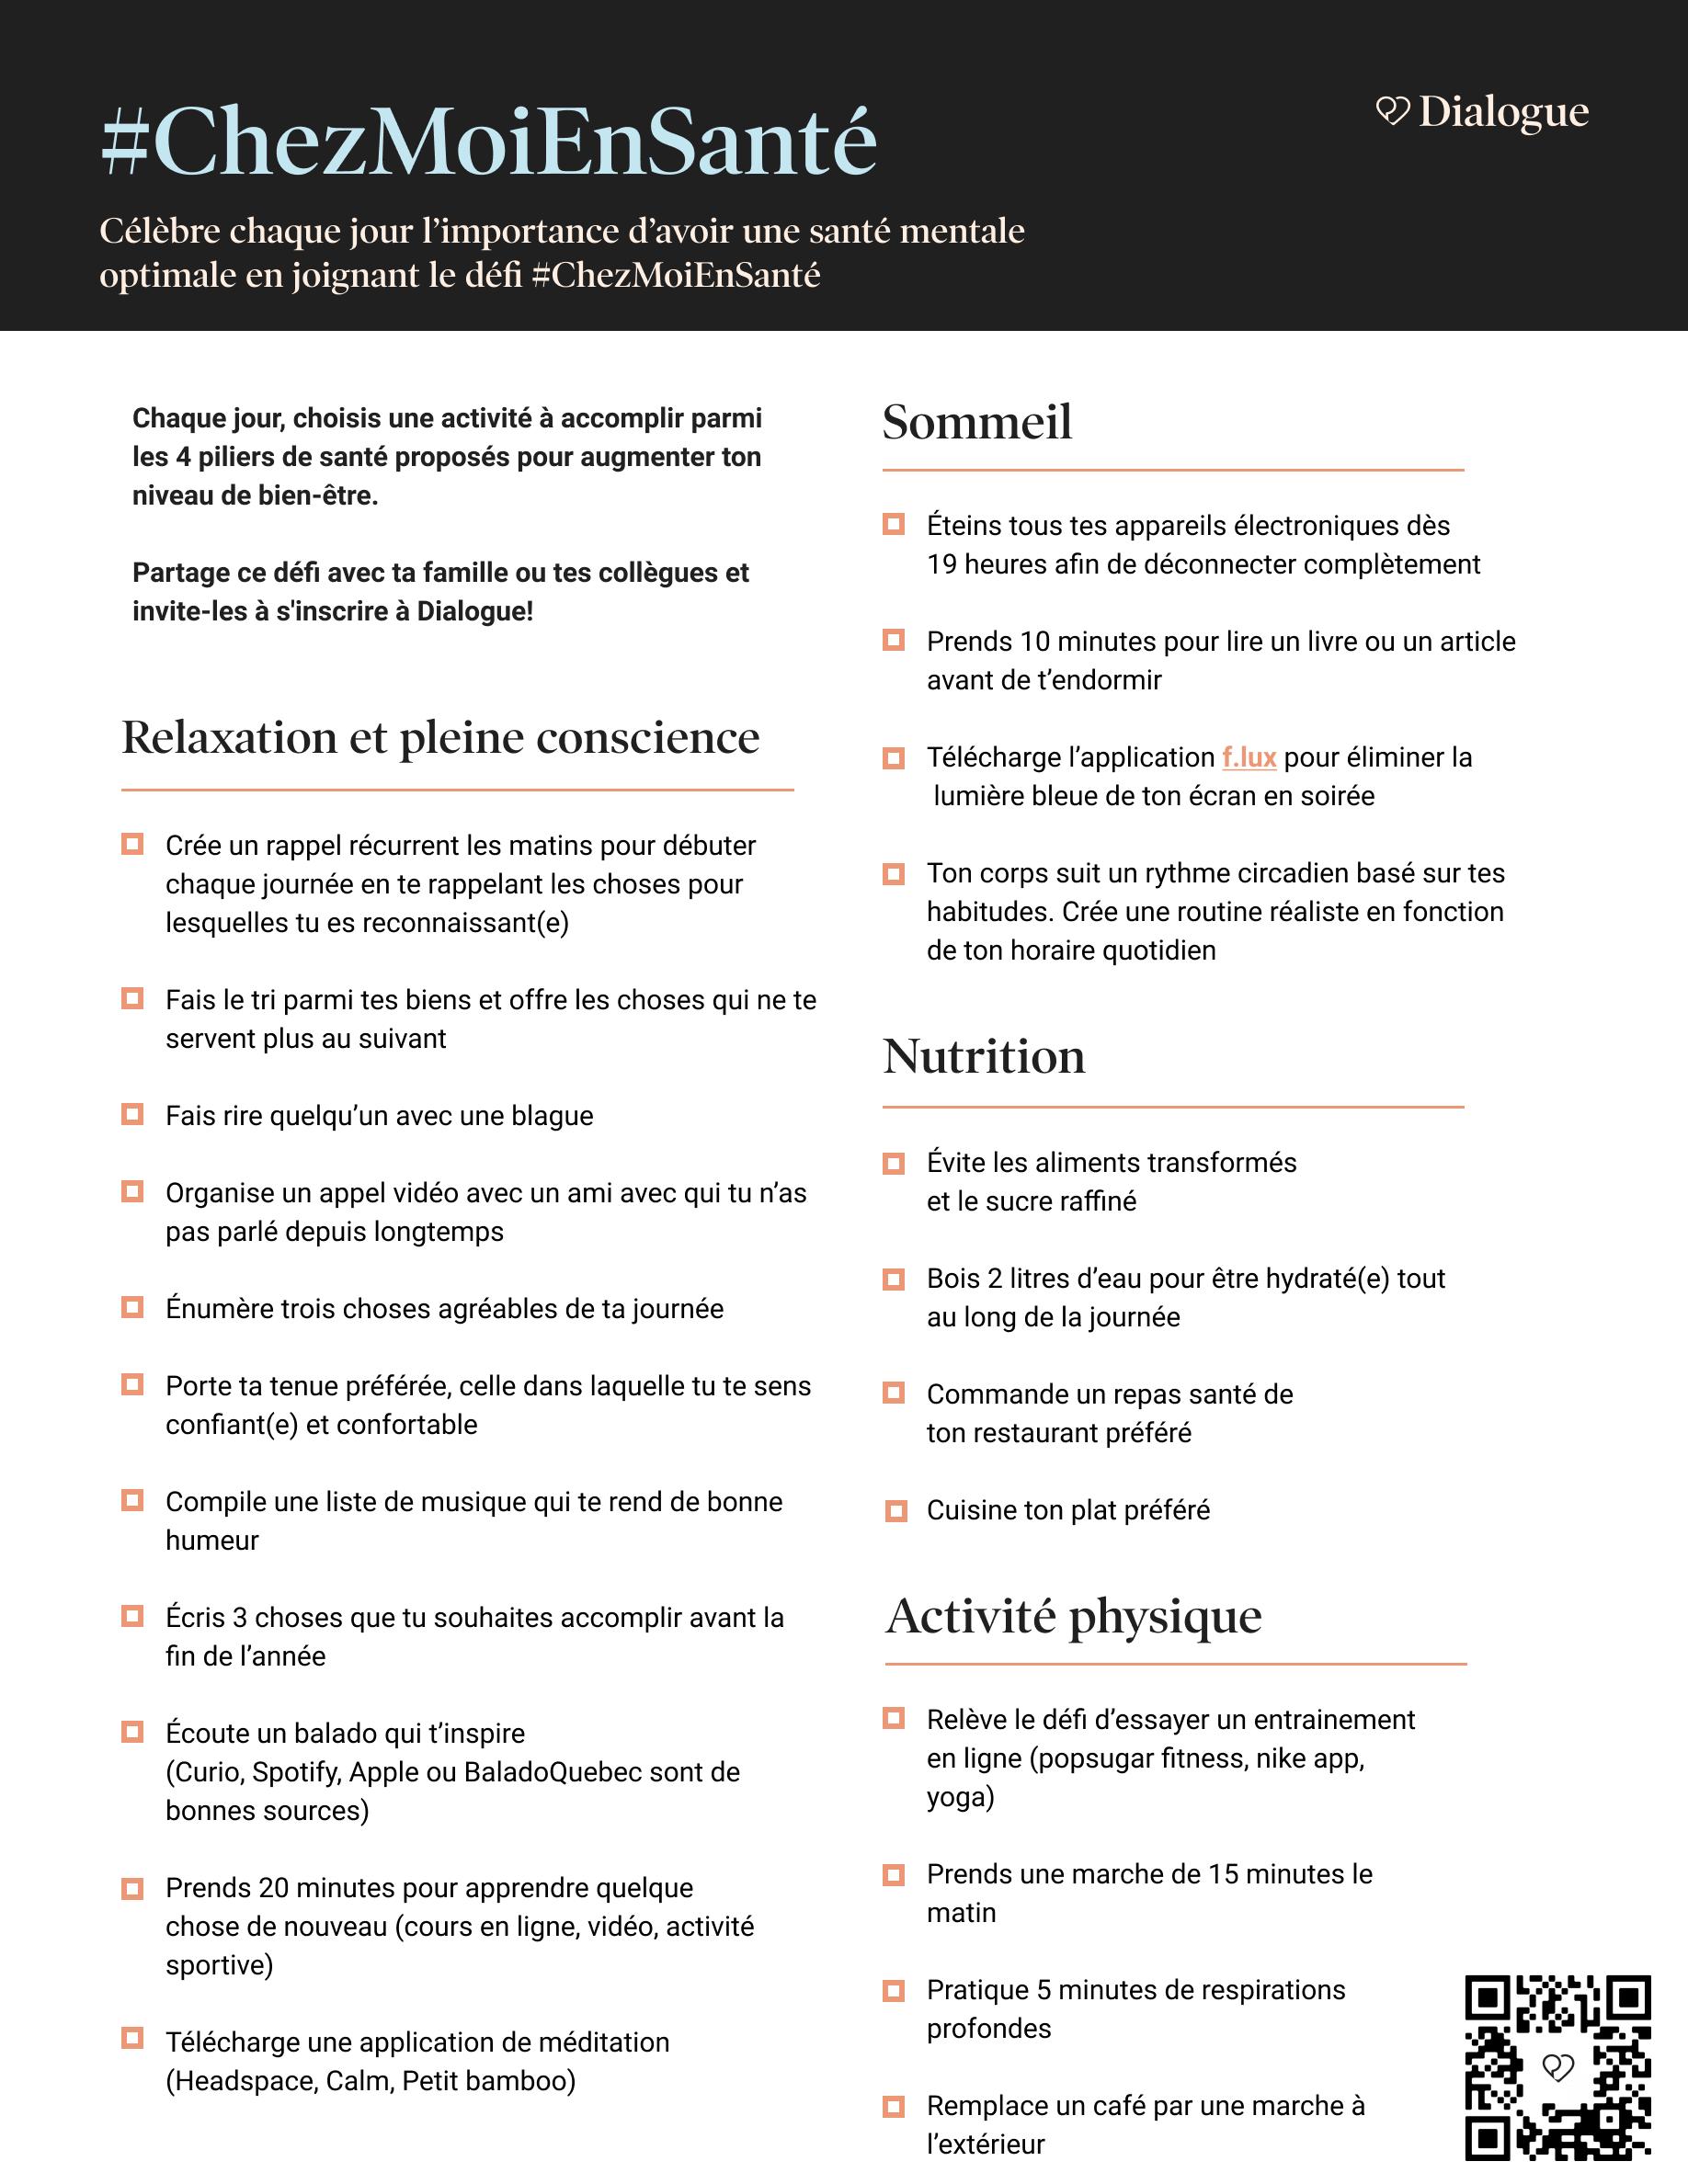 #ChezMoiEnSanté Challenge